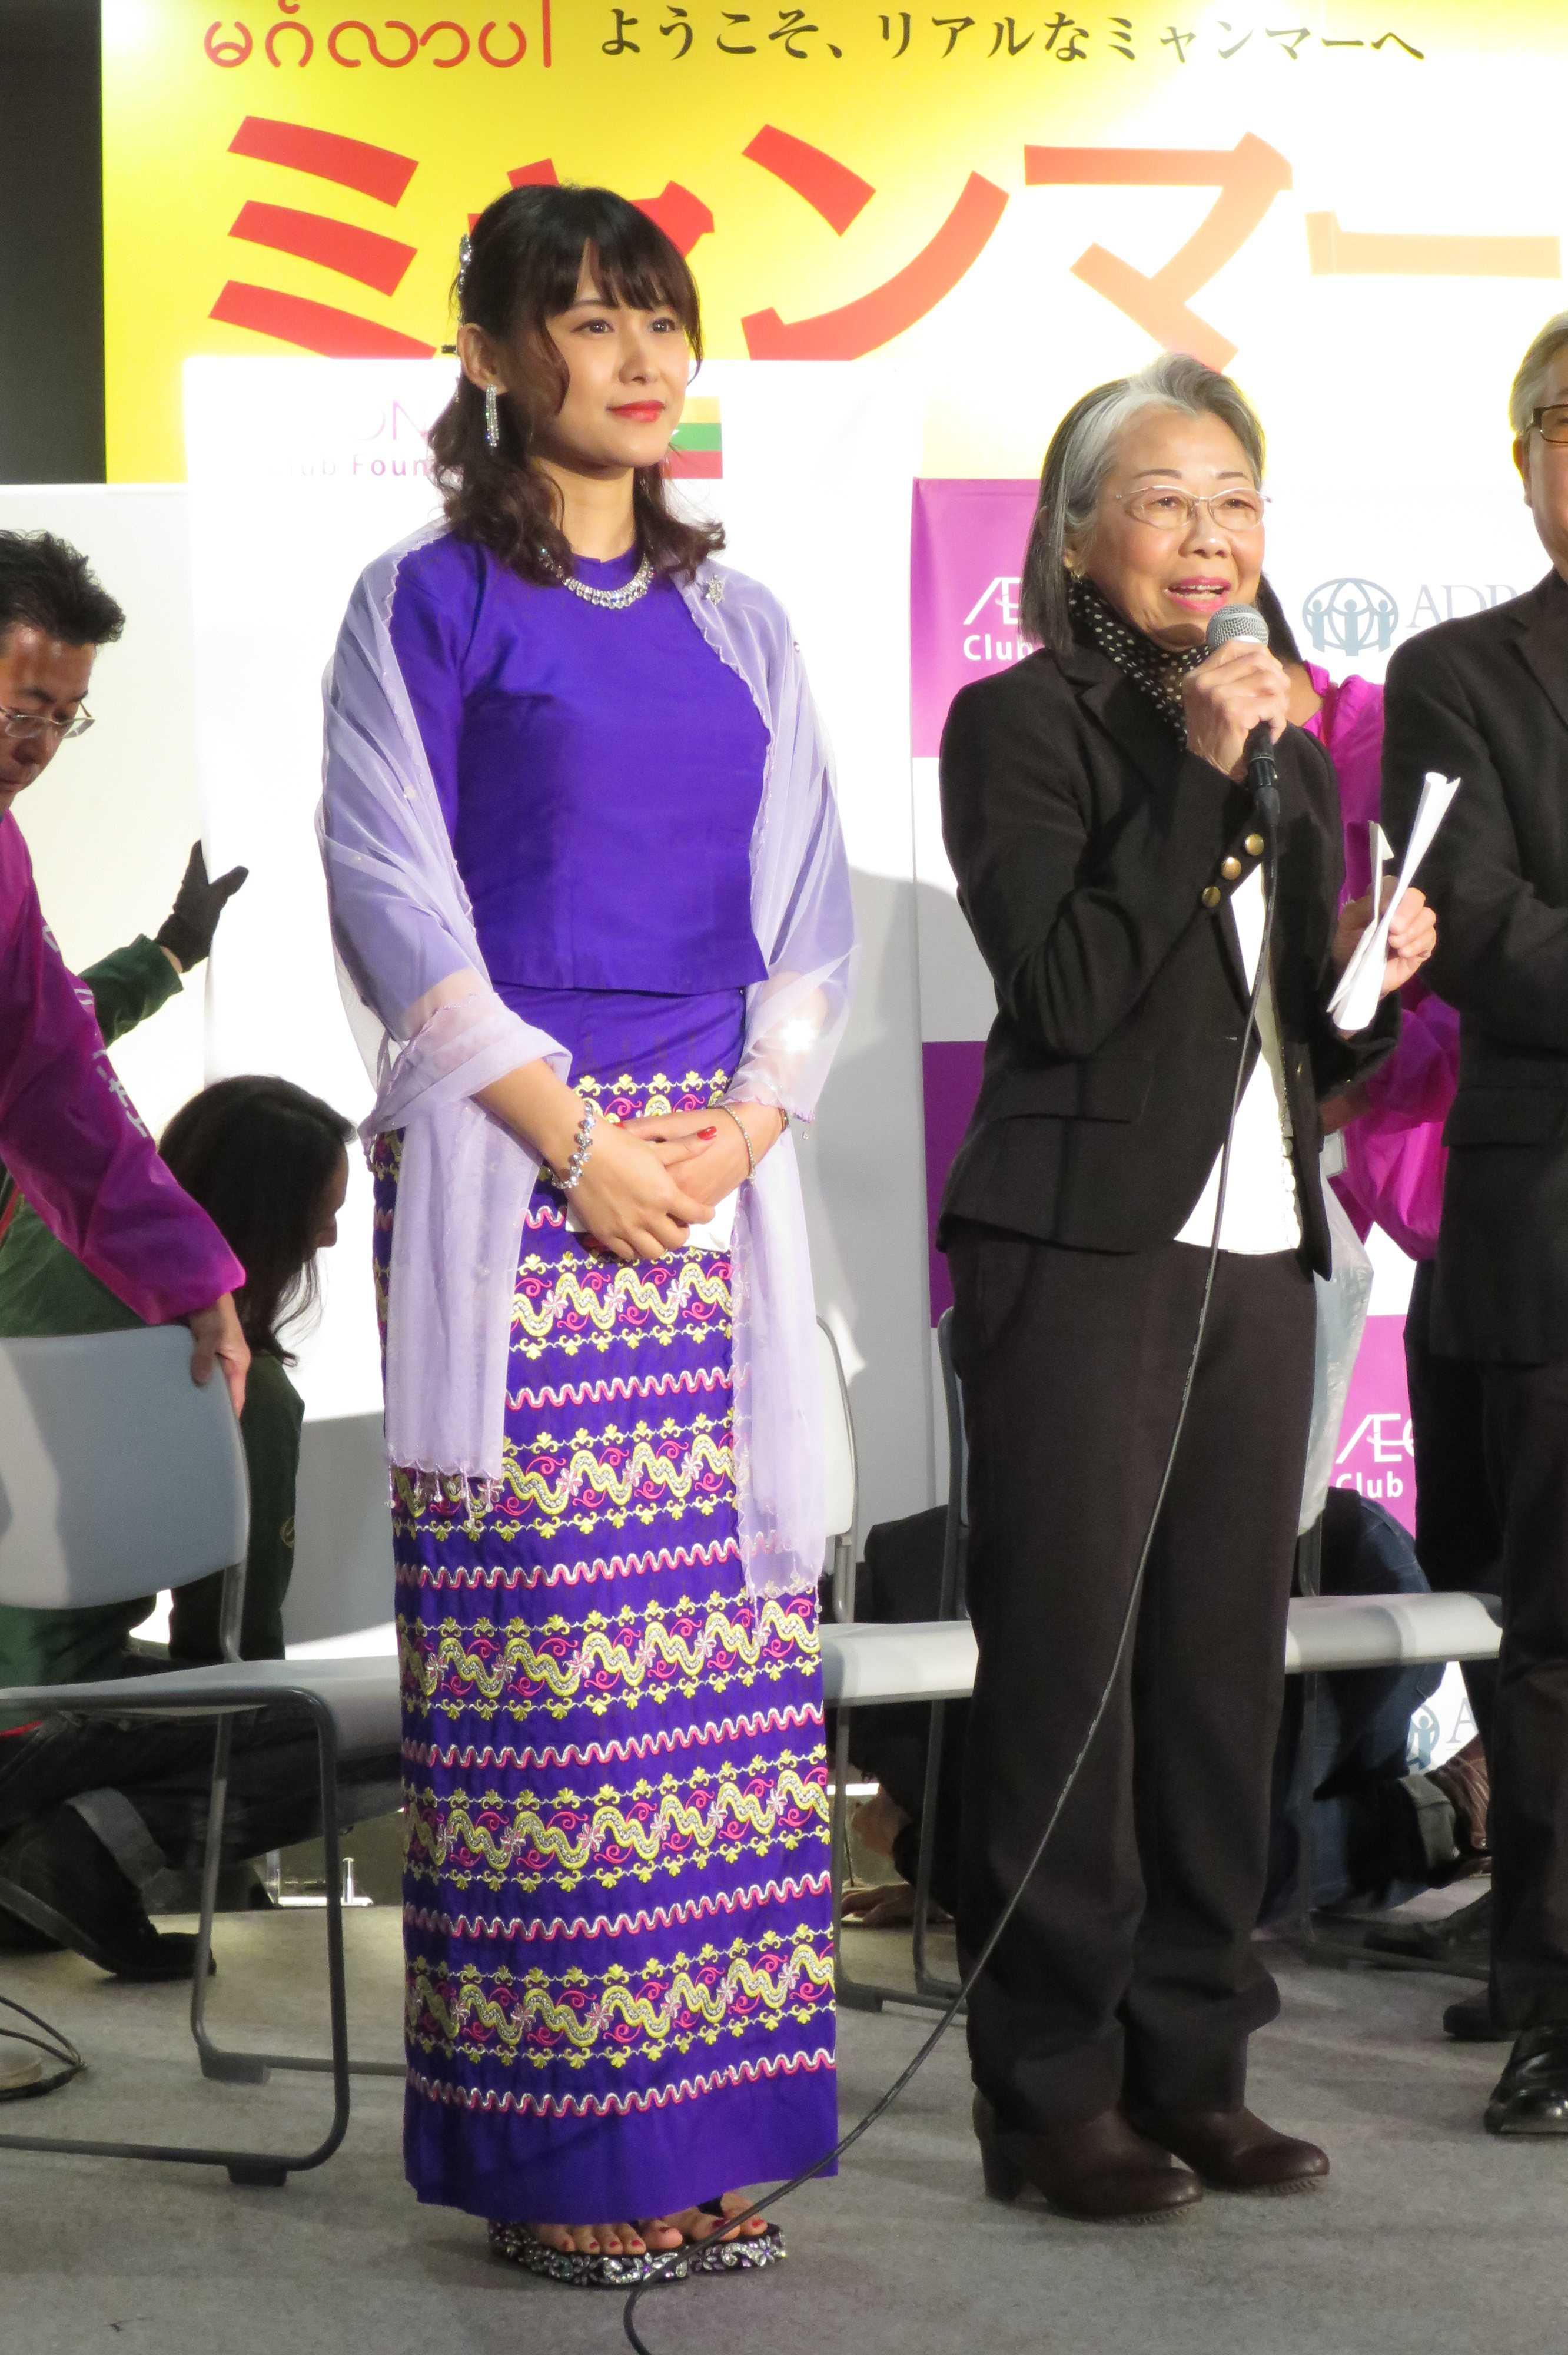 ミャンマー美女 - ミャンマー祭り2016